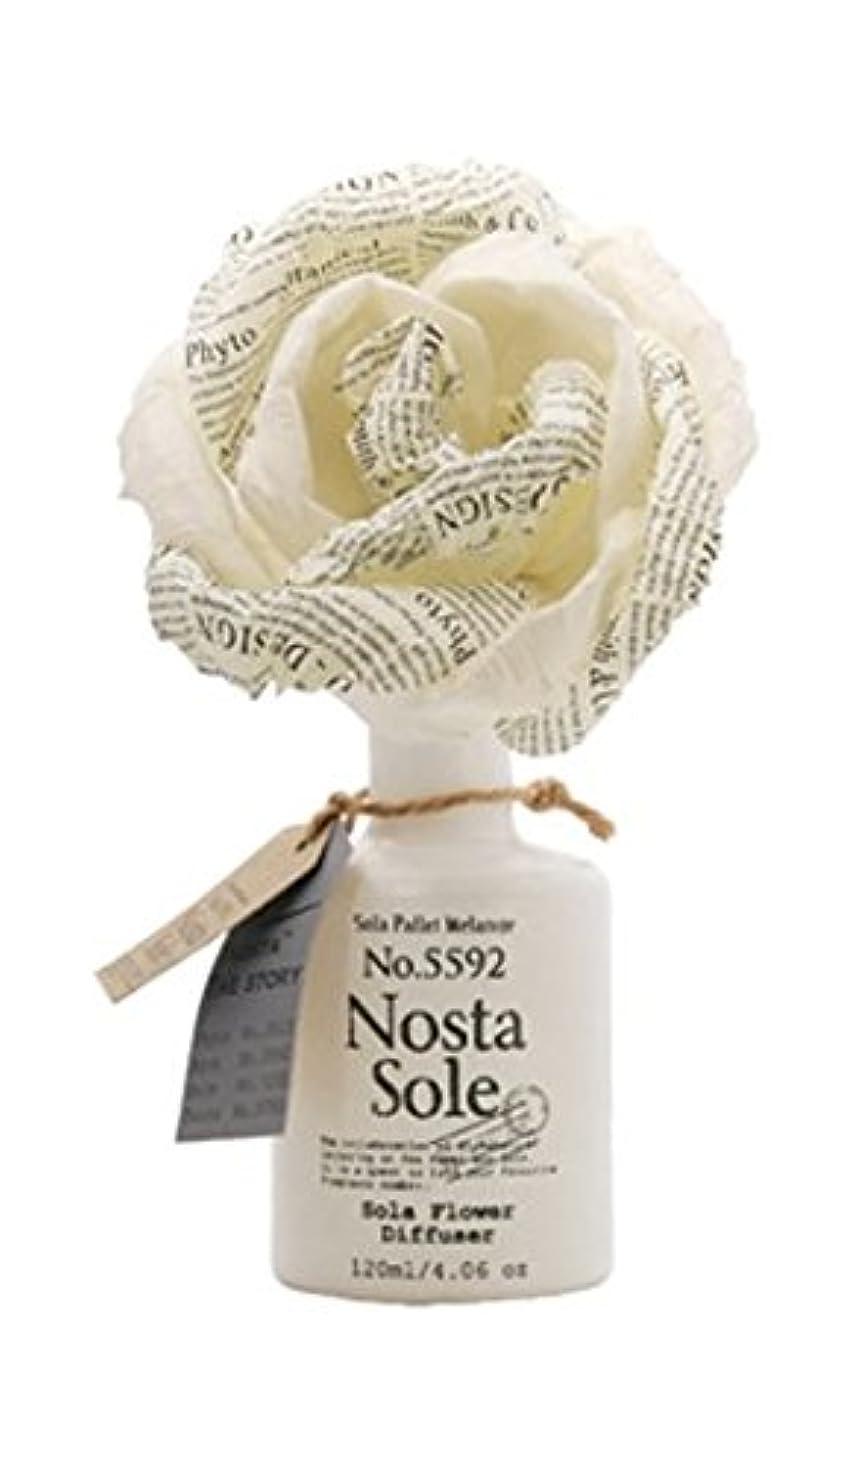 枕一次気を散らすNosta ノスタ Solaflower Diffuser ソラフラワーディフューザー Sole ソーレ/太陽